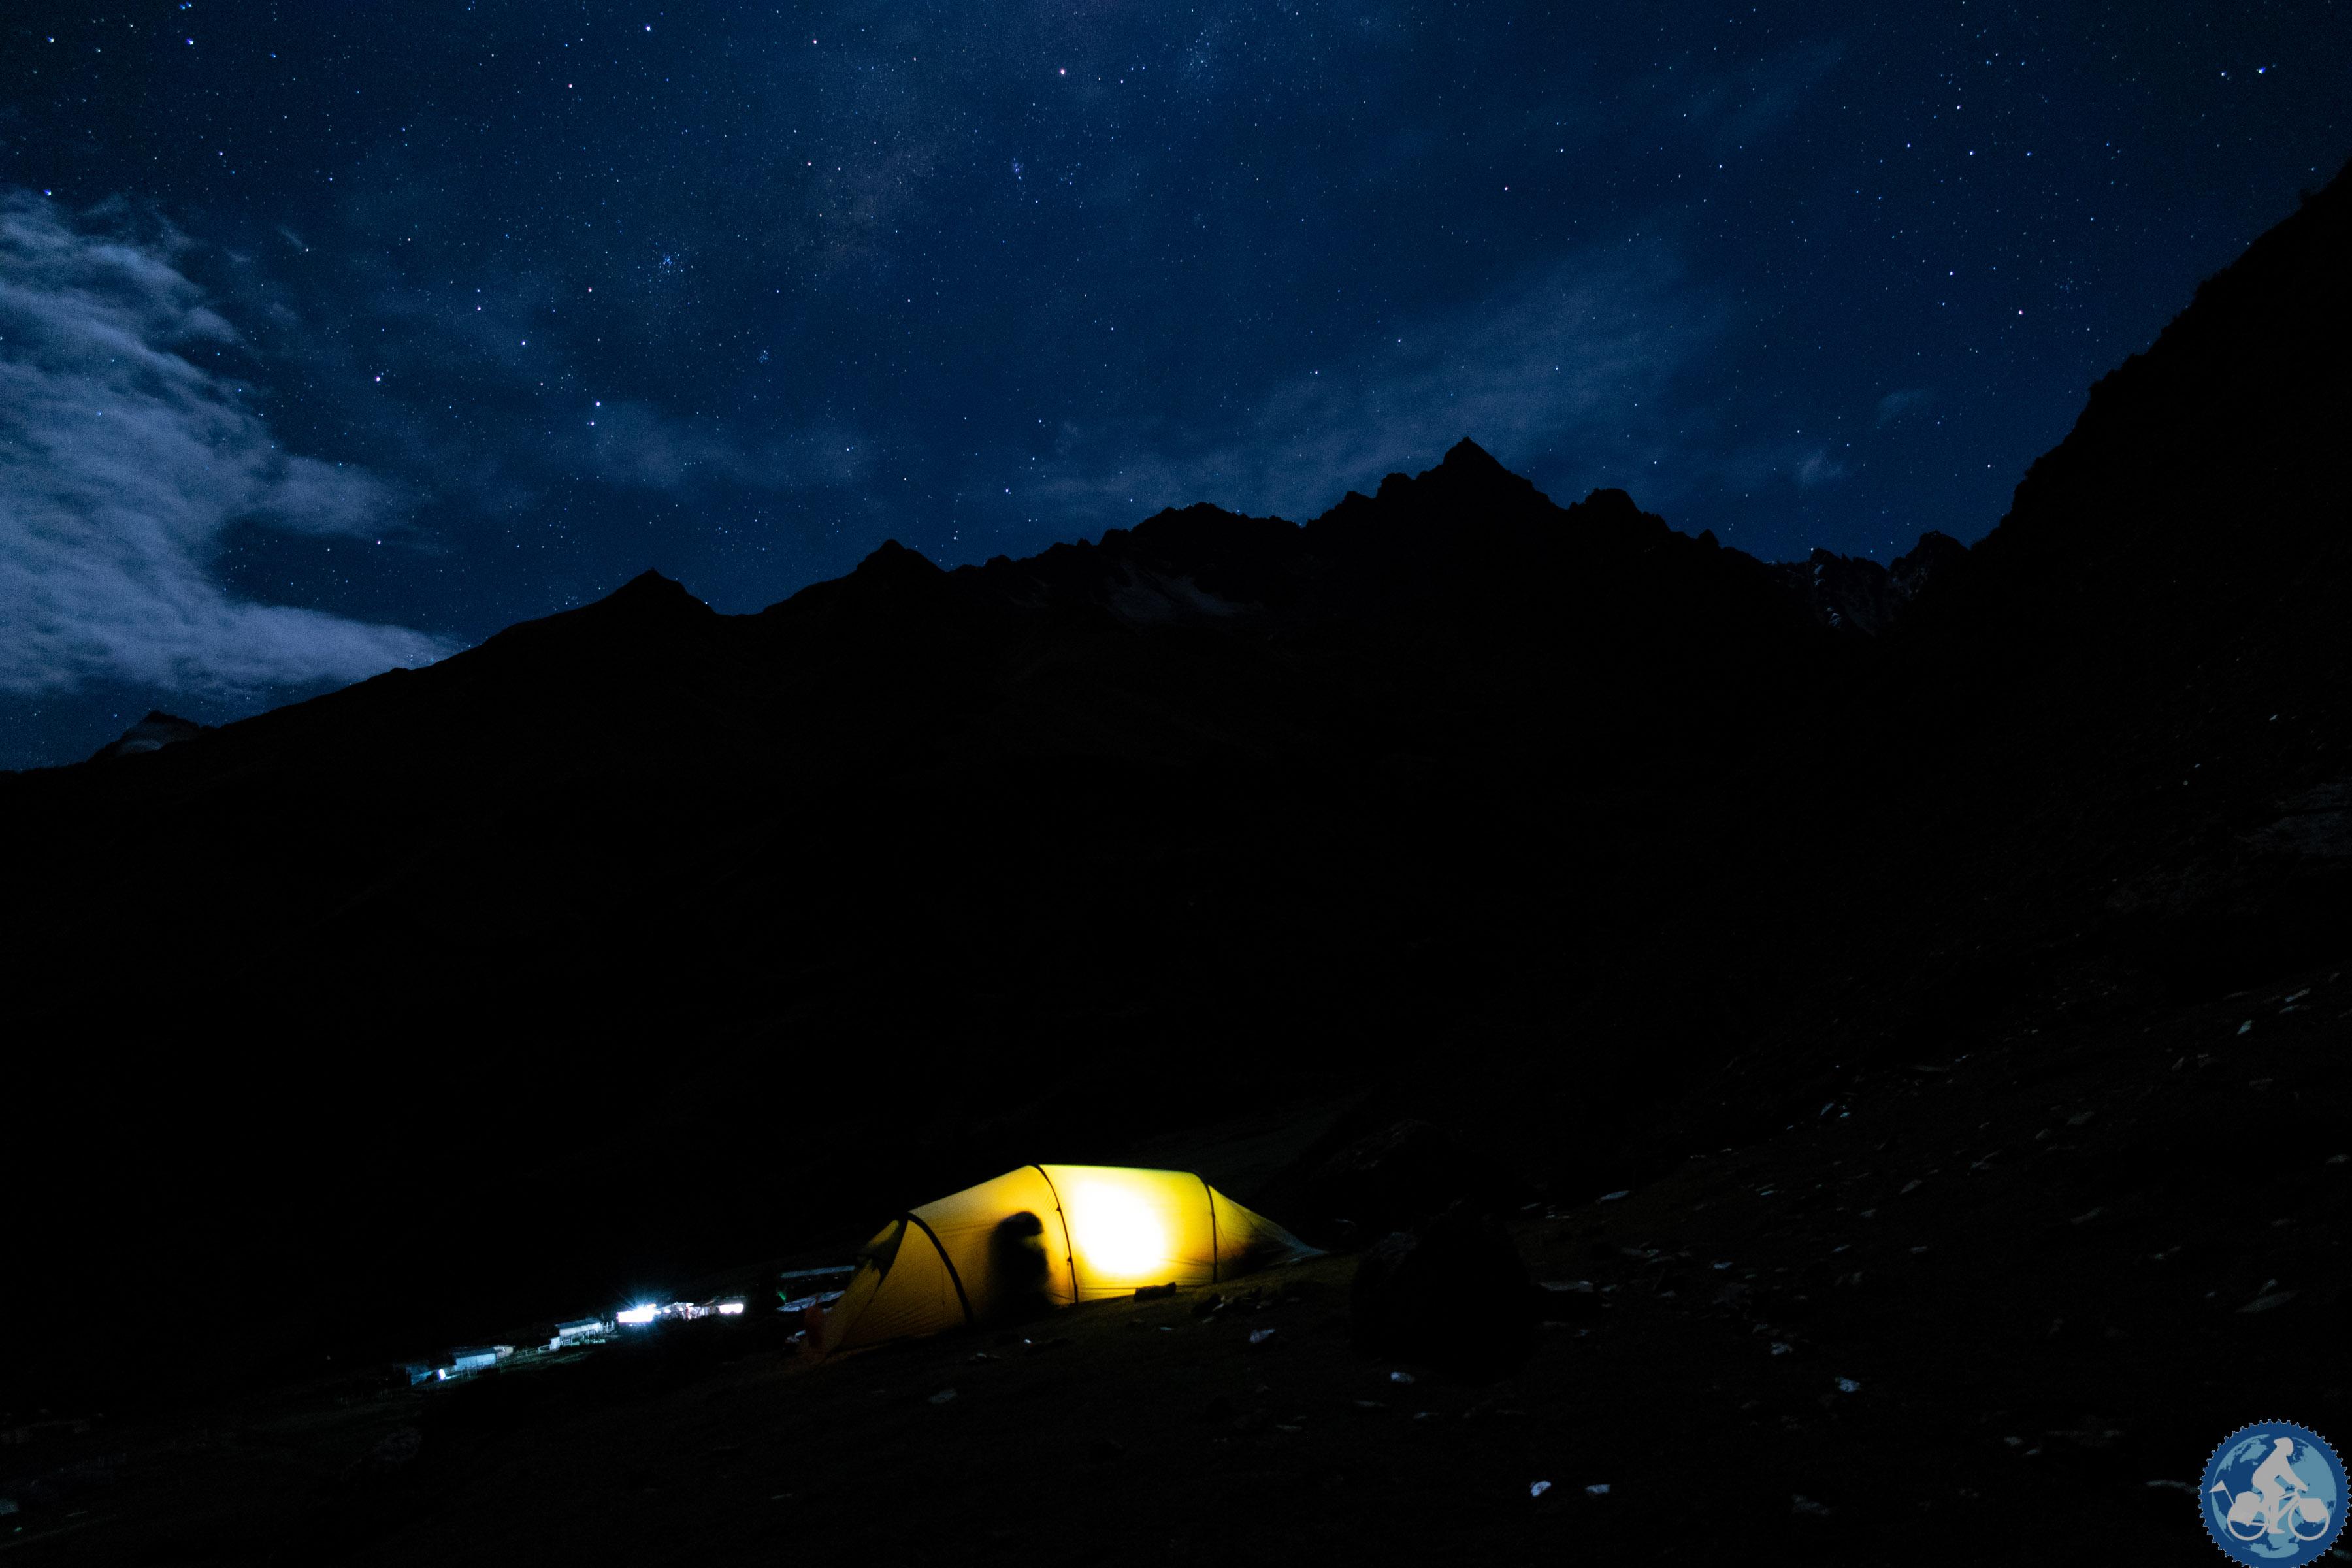 Während das Tal schläft